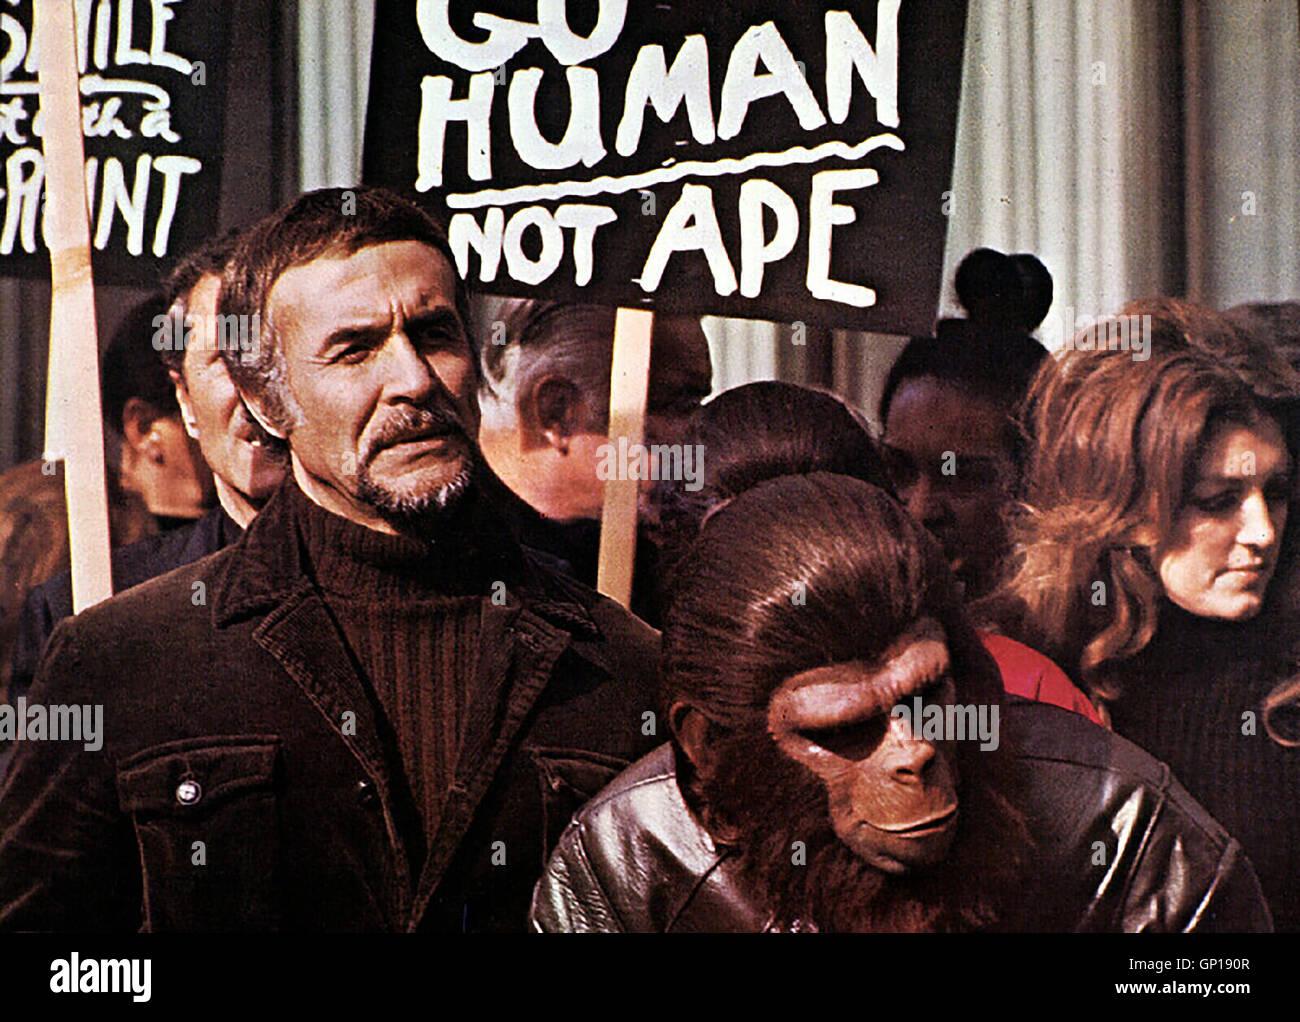 Ricardo Montalban, Roddy McDowall Nachdem Katzen und Hunde ausgestorben sind, halten sich die Menschen Affen als - Stock Image